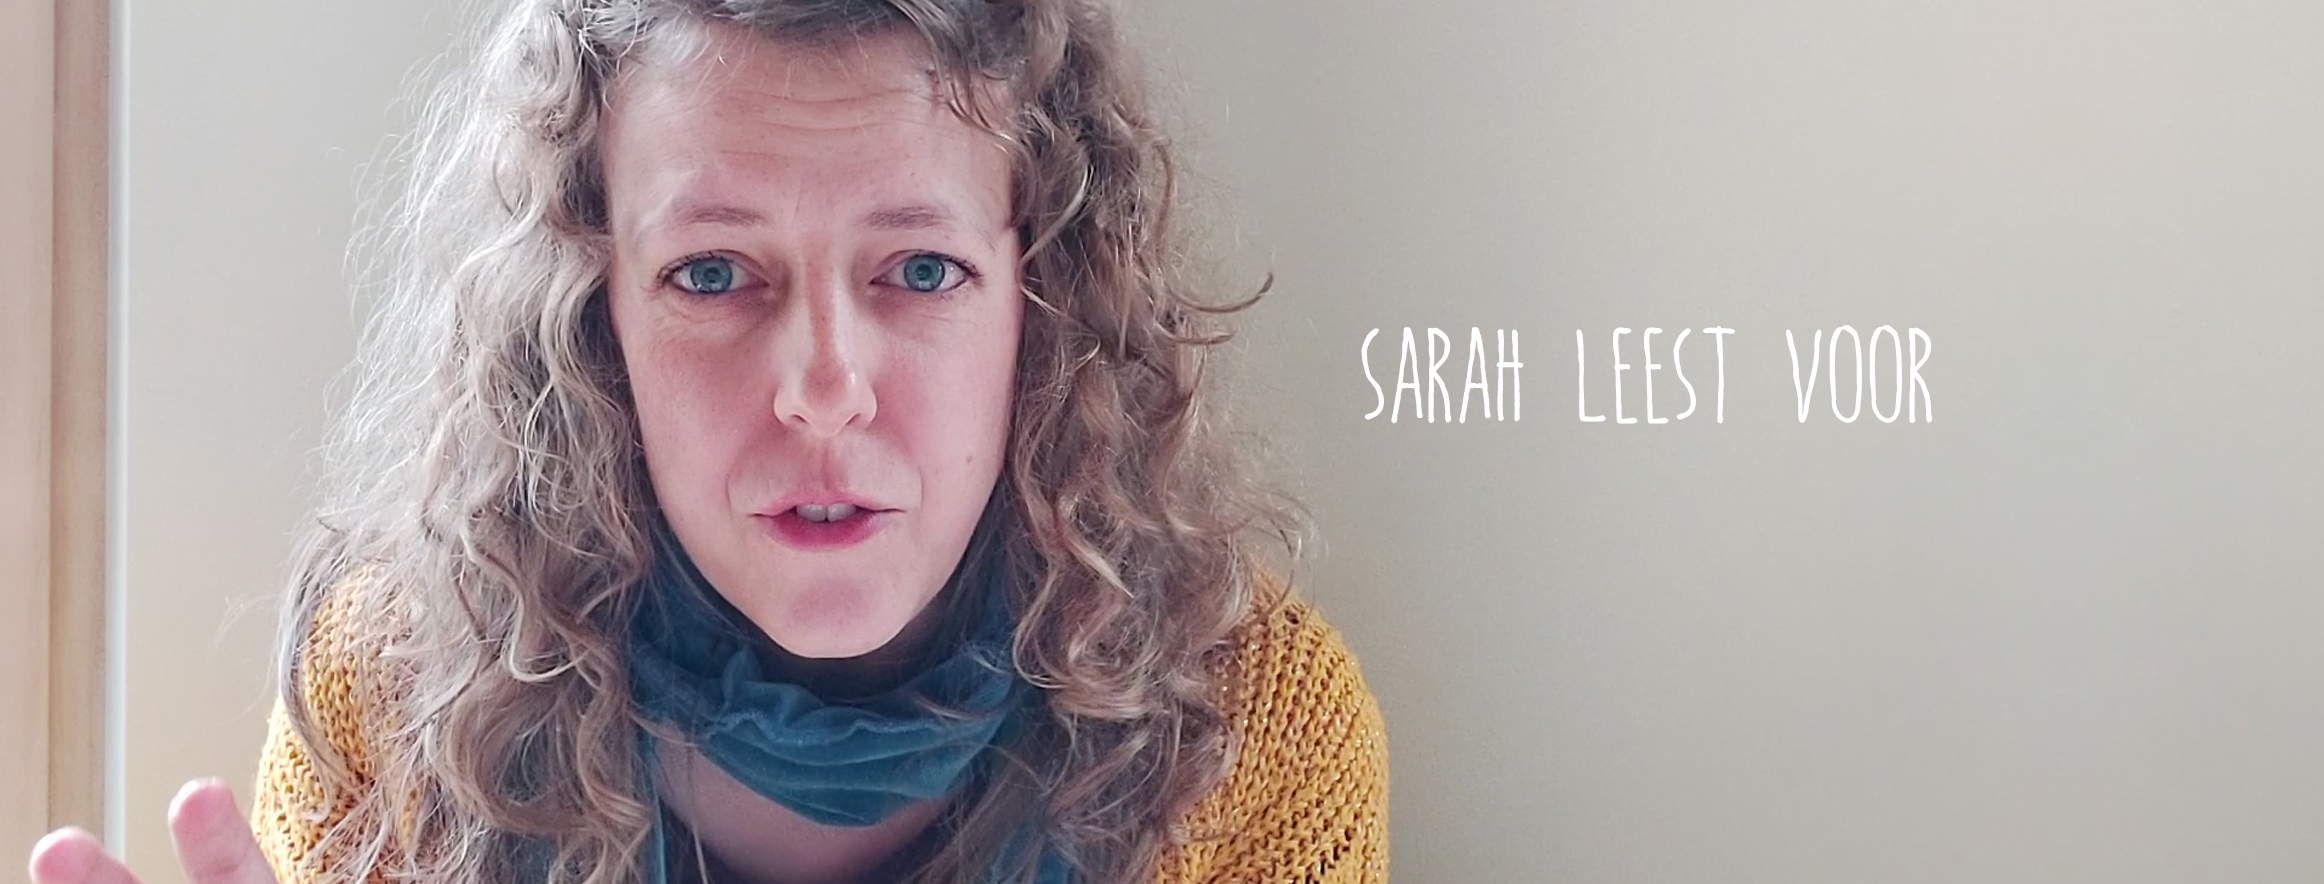 Sarah leest voor